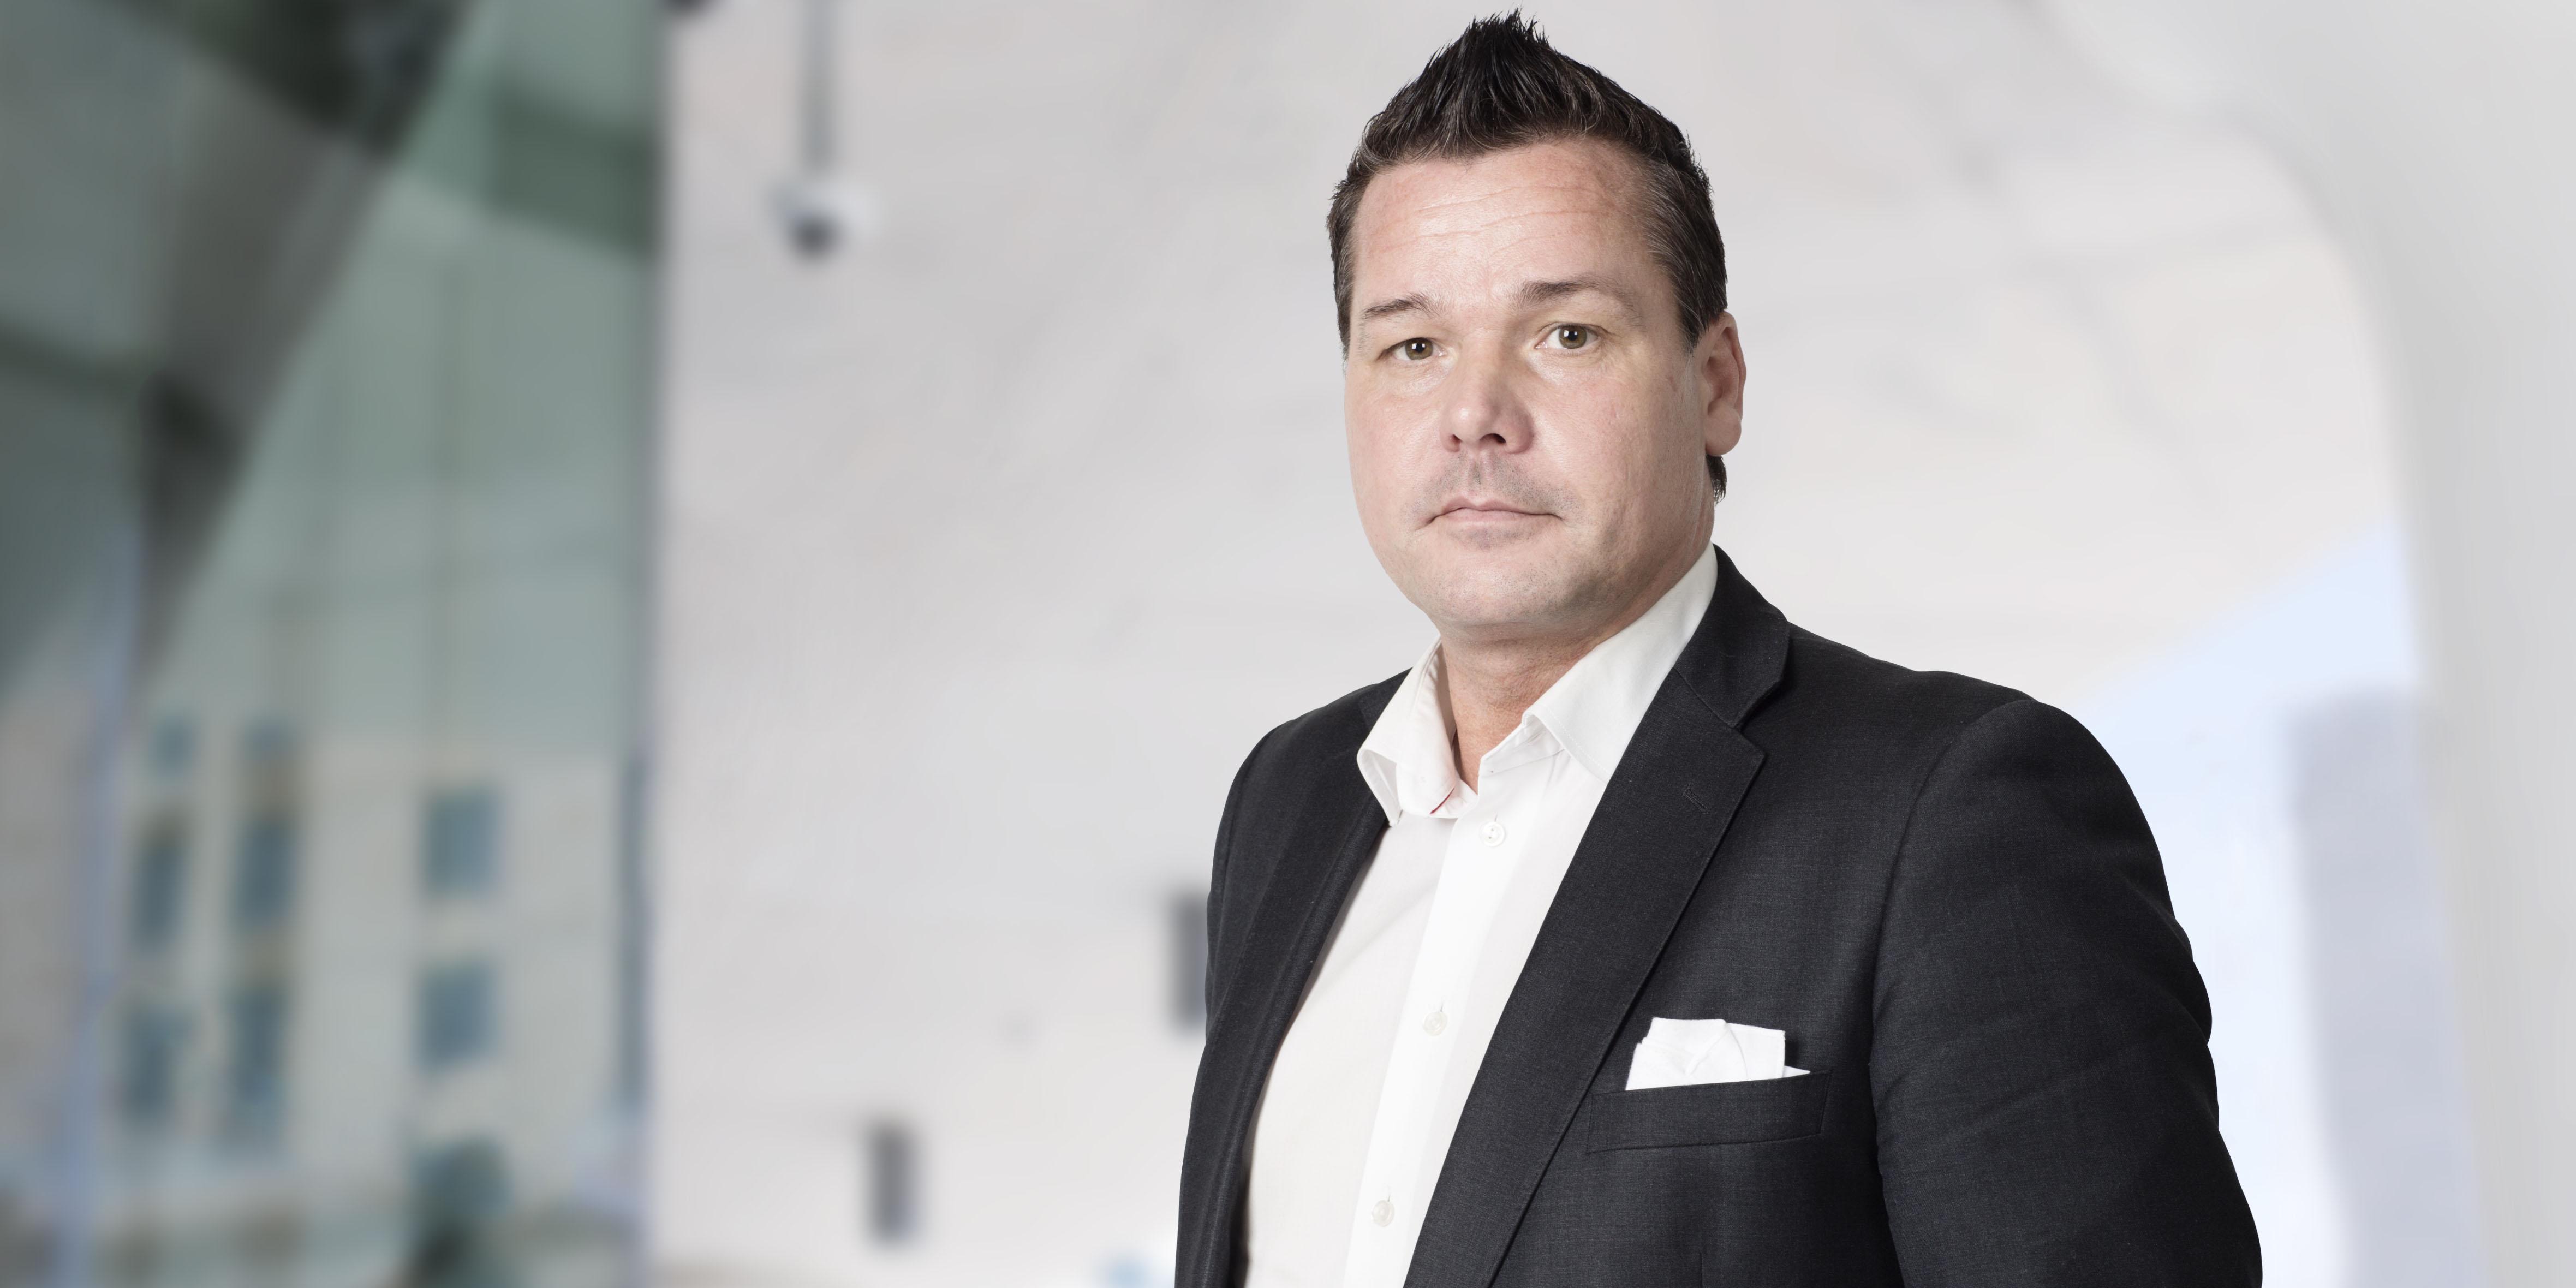 Securitas involverar sina kunder när de söker framtidslösningar, i Securitas Round Table. Försäljningschef Johan Buch  ser många fördelar.